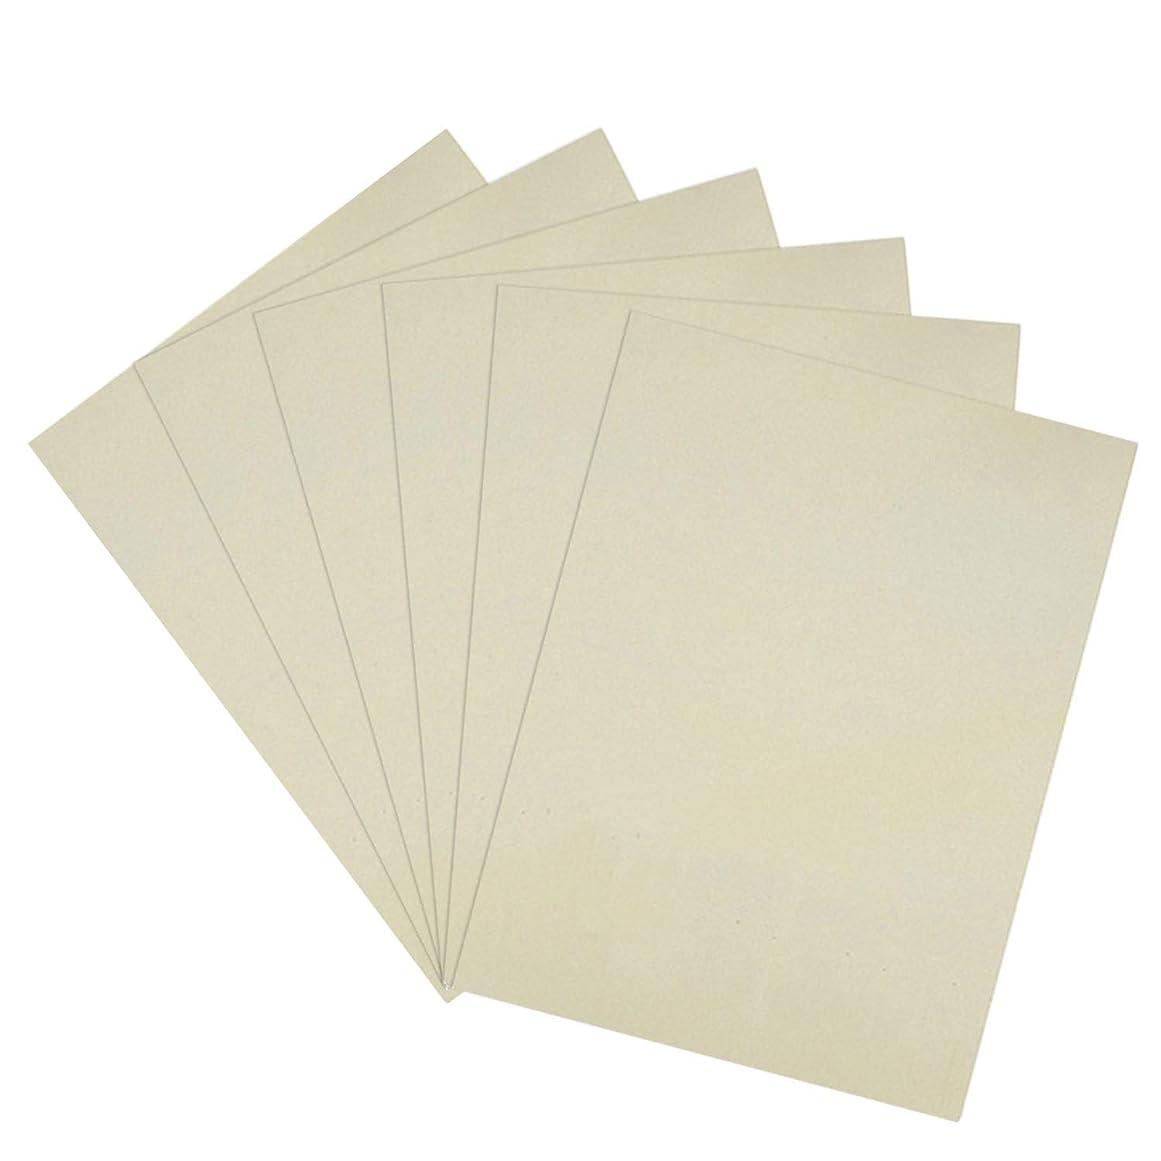 アクティブ発生陽気なMigavann 5枚スキンの練習の空白のシリコーンの永久的な構造の入れ墨の訓練の練習の擬似皮